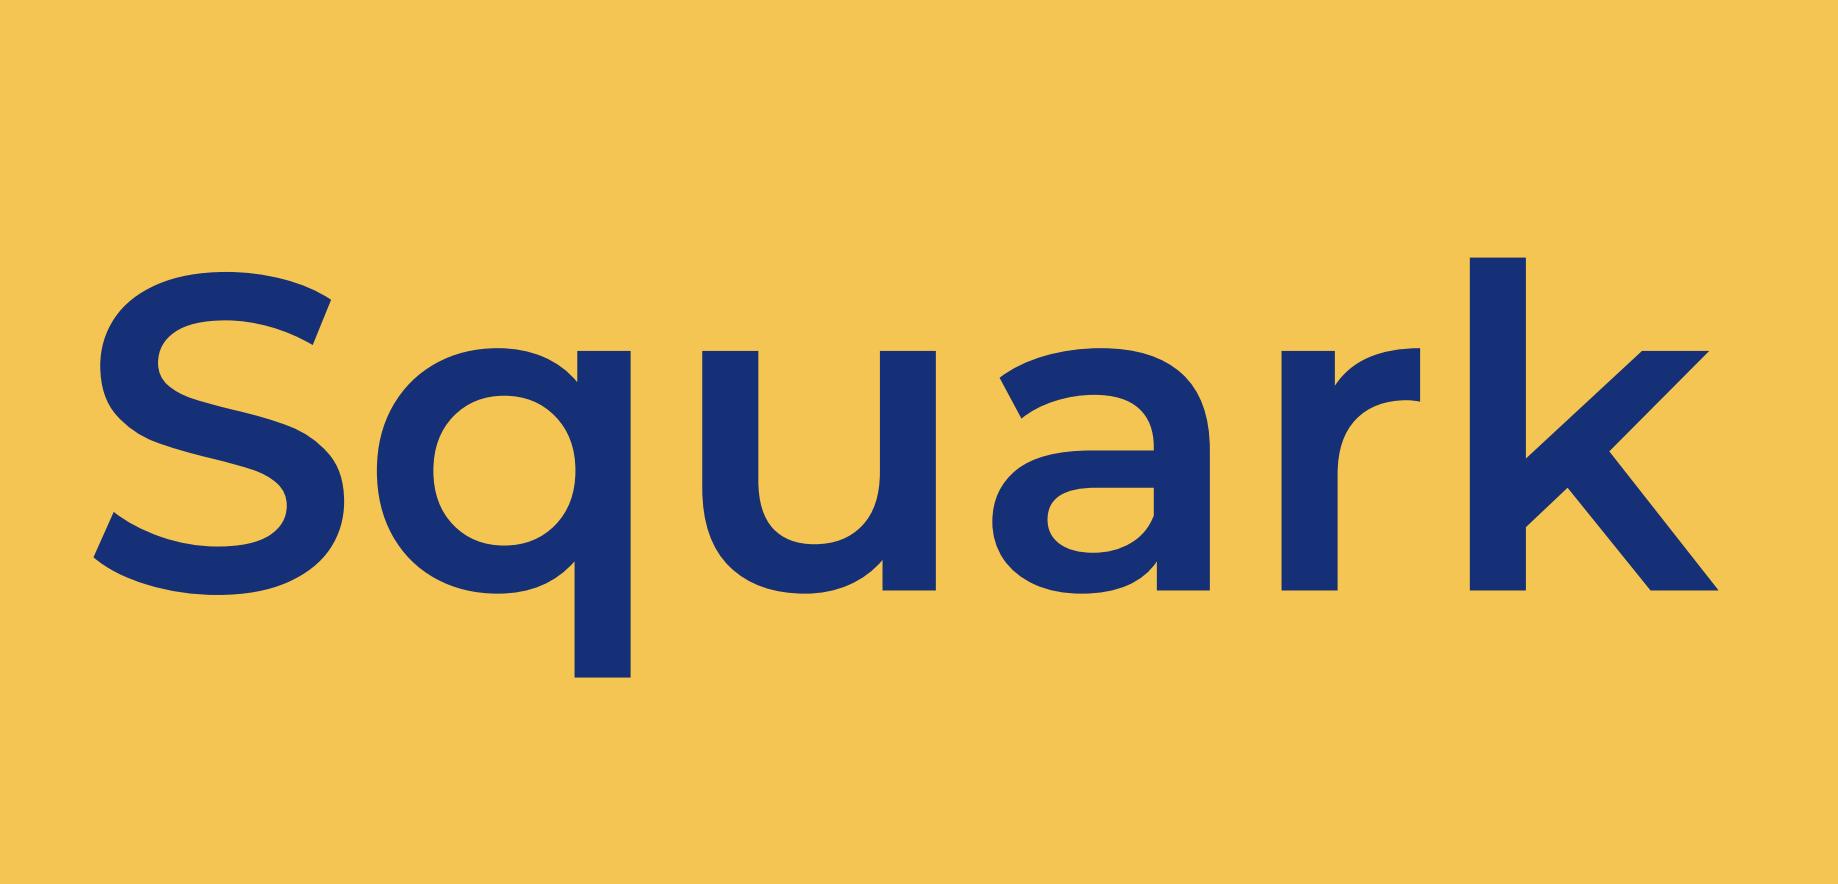 Exemple d'utilisations du logo interdites Squark